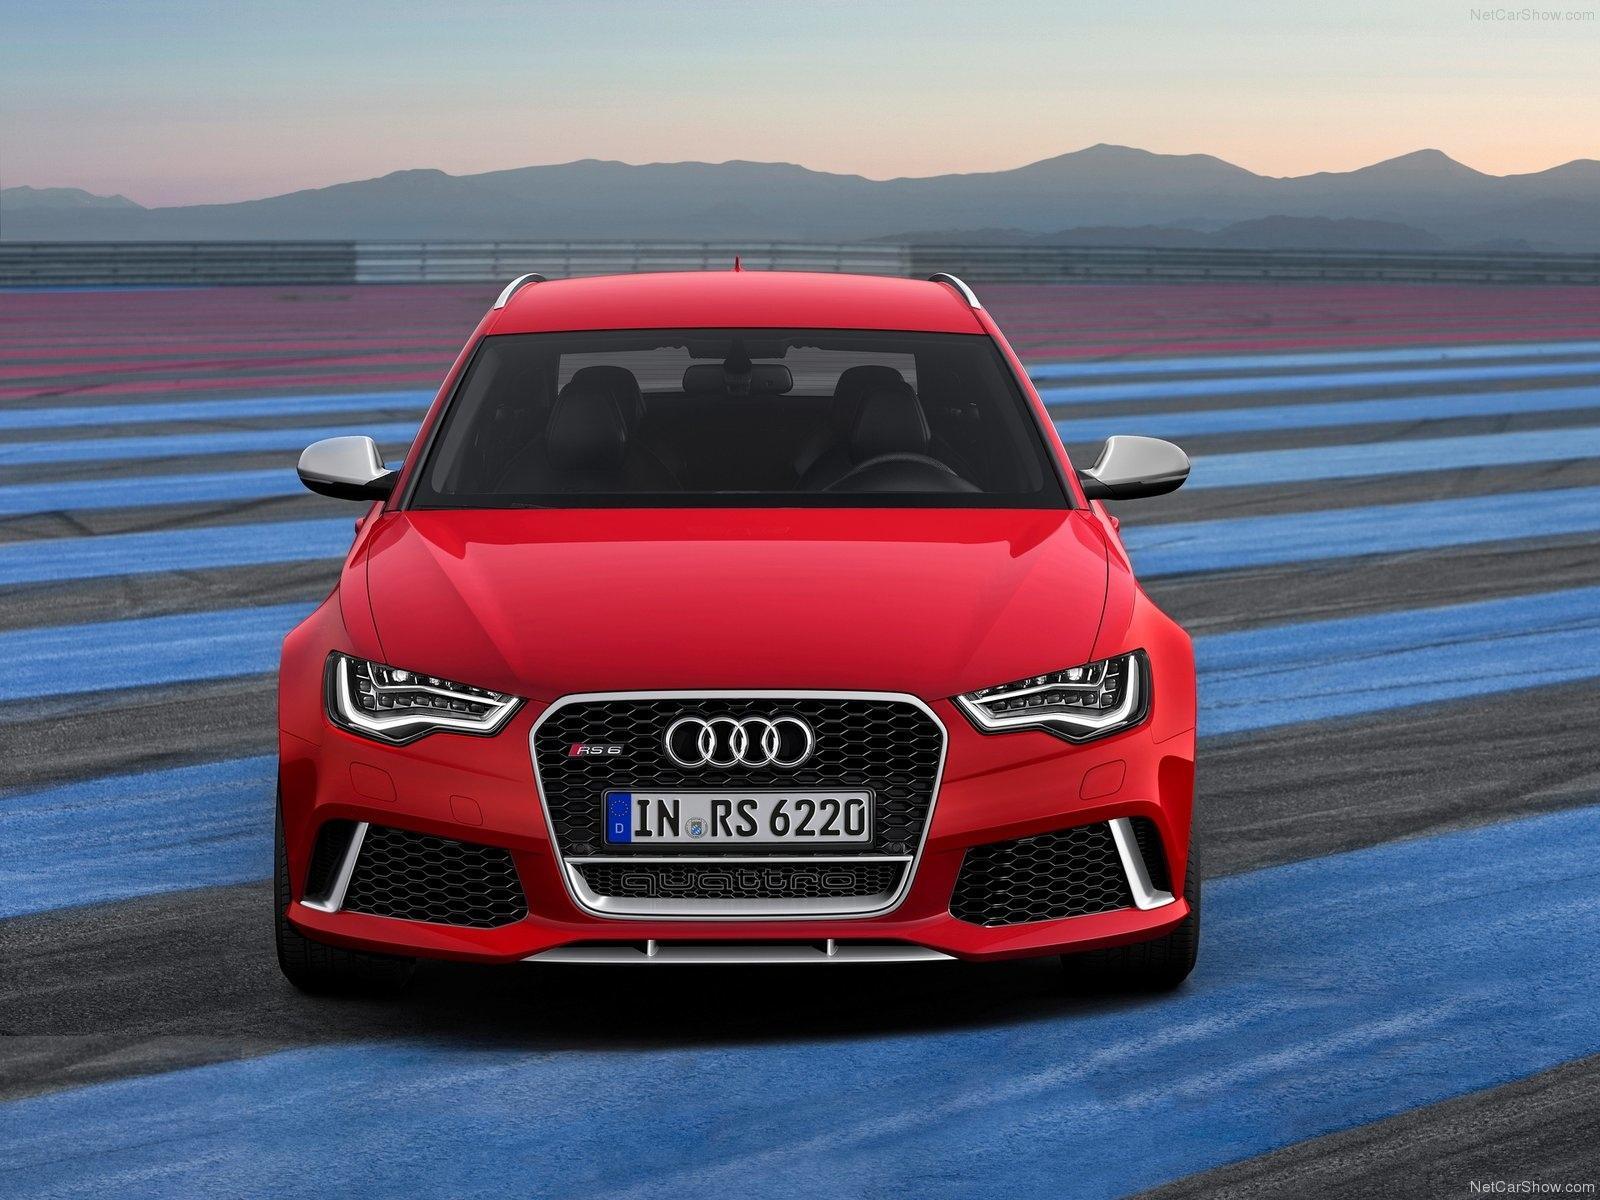 Audi RS6 Wallpaper HD Download